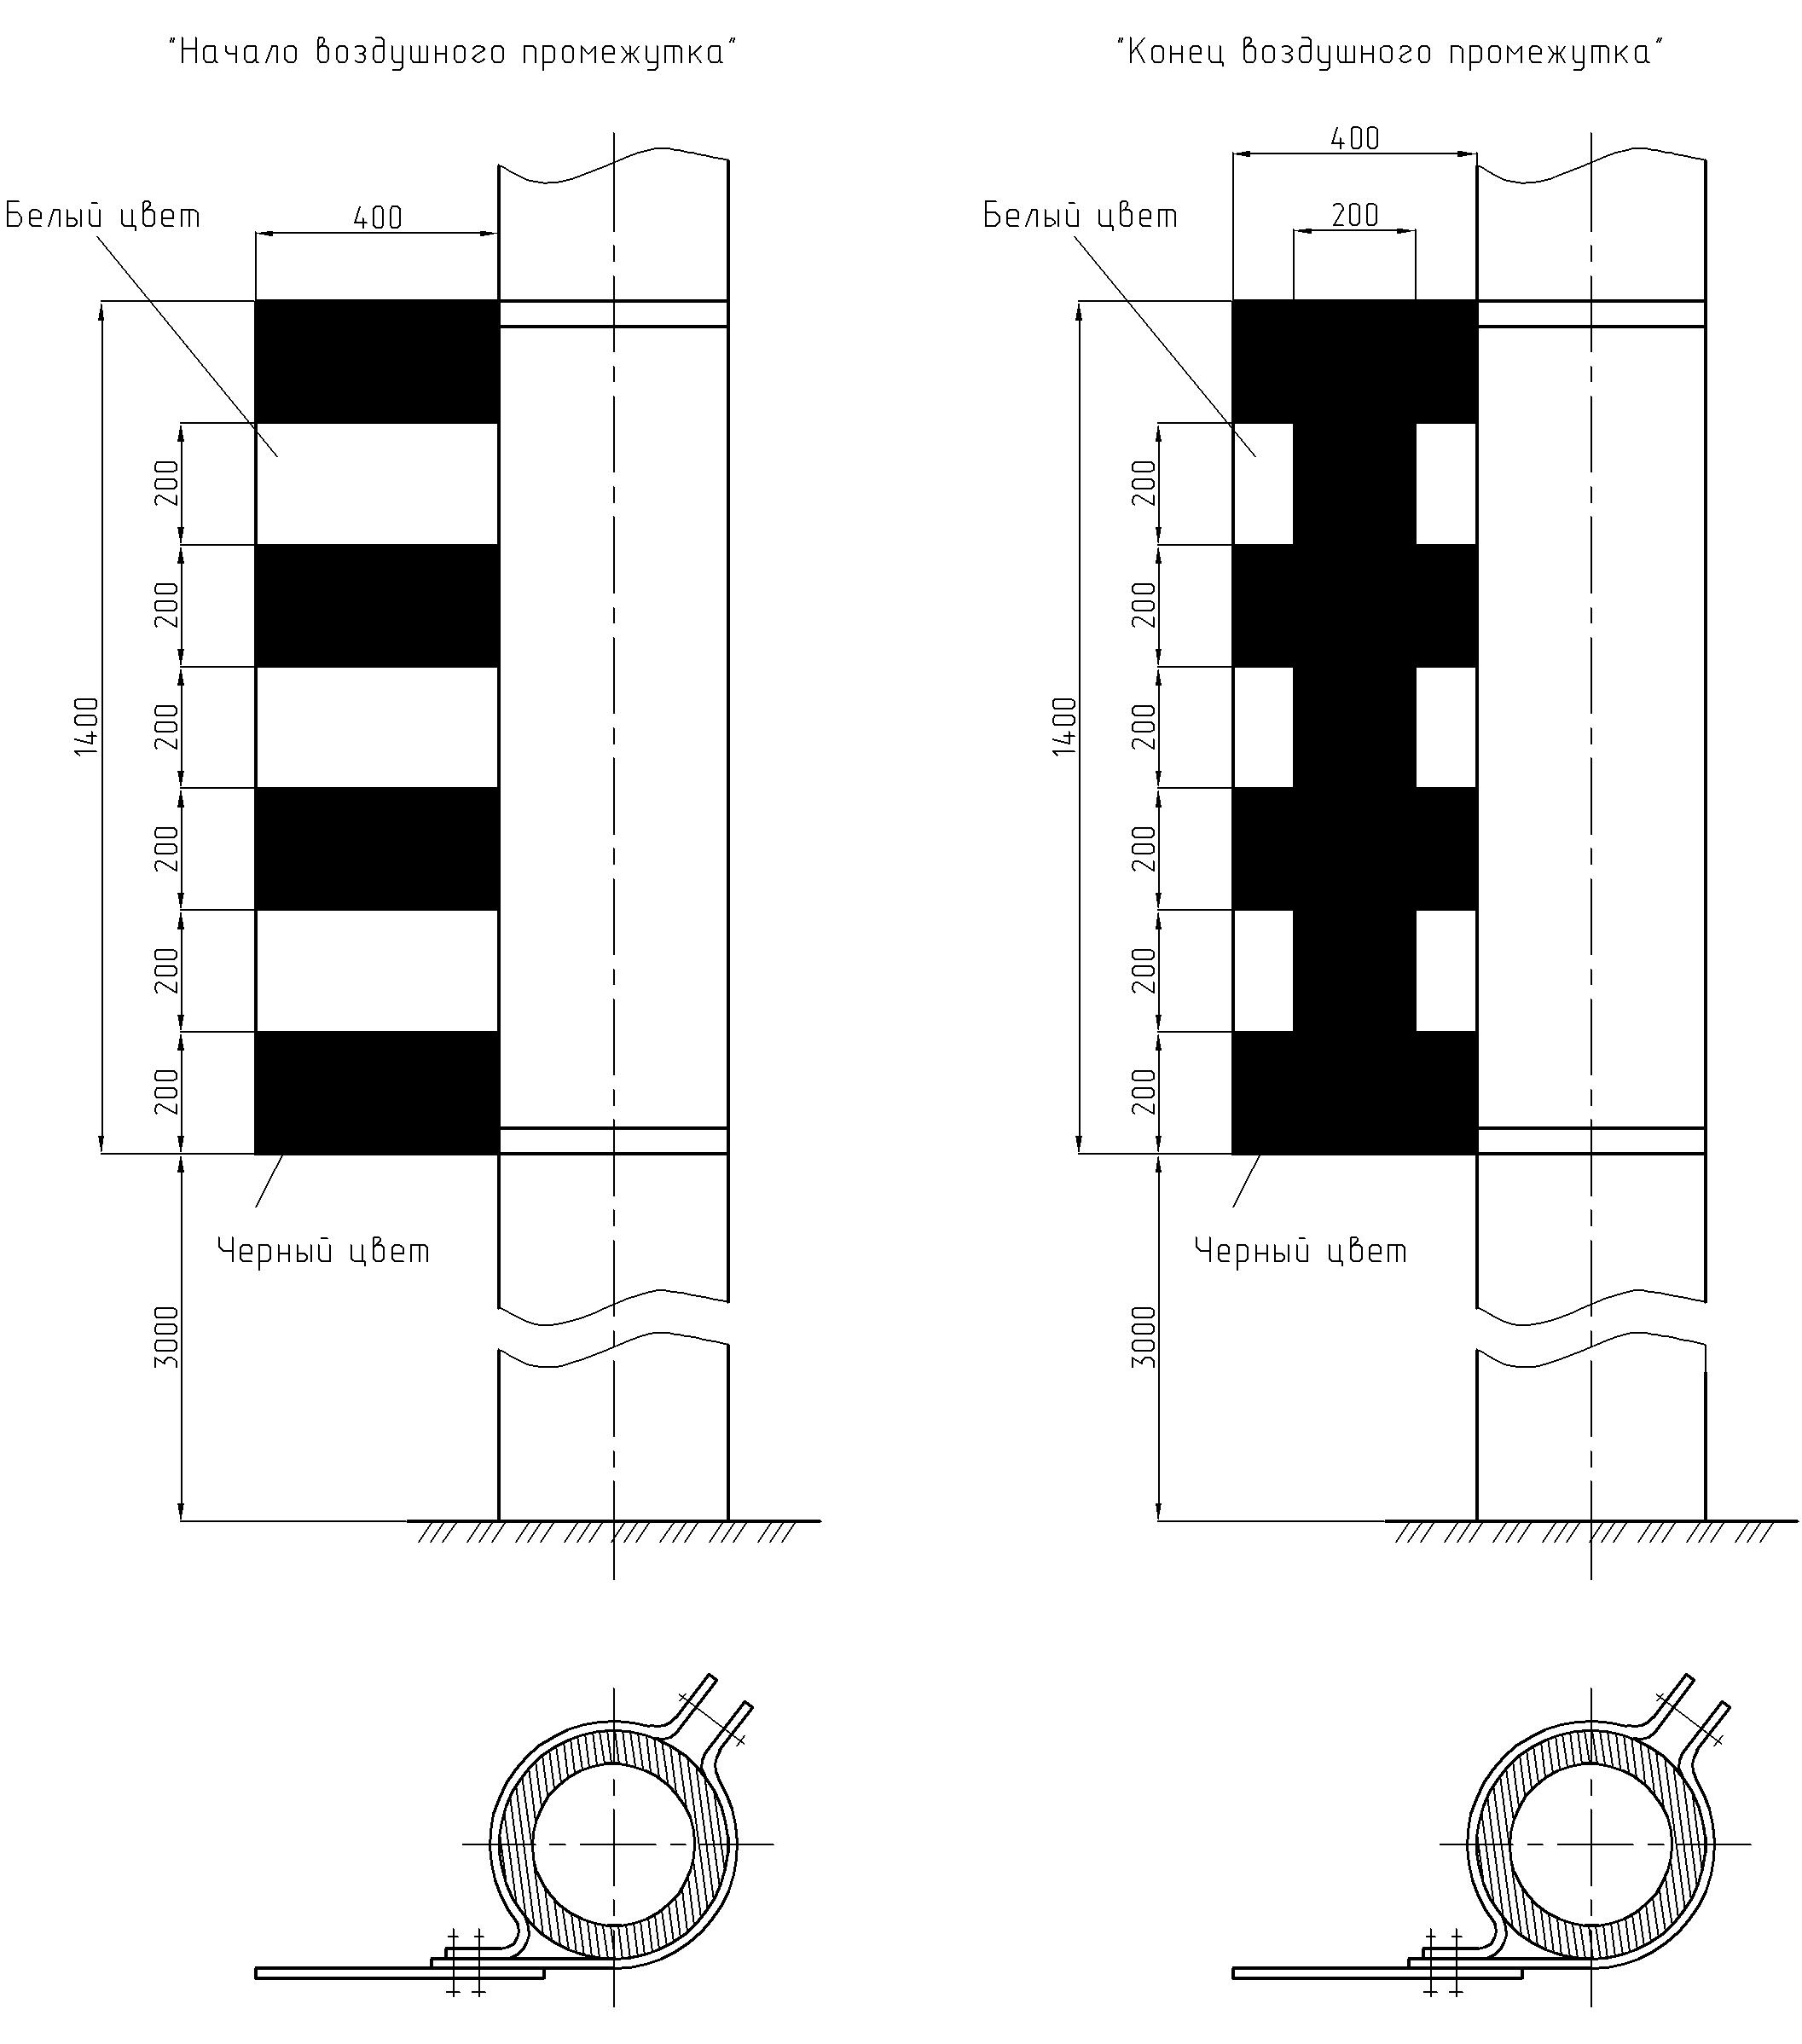 Рисунок 8. Постоянные отличительные знаки опор контактной сети, ограничивающие воздушные промежутки